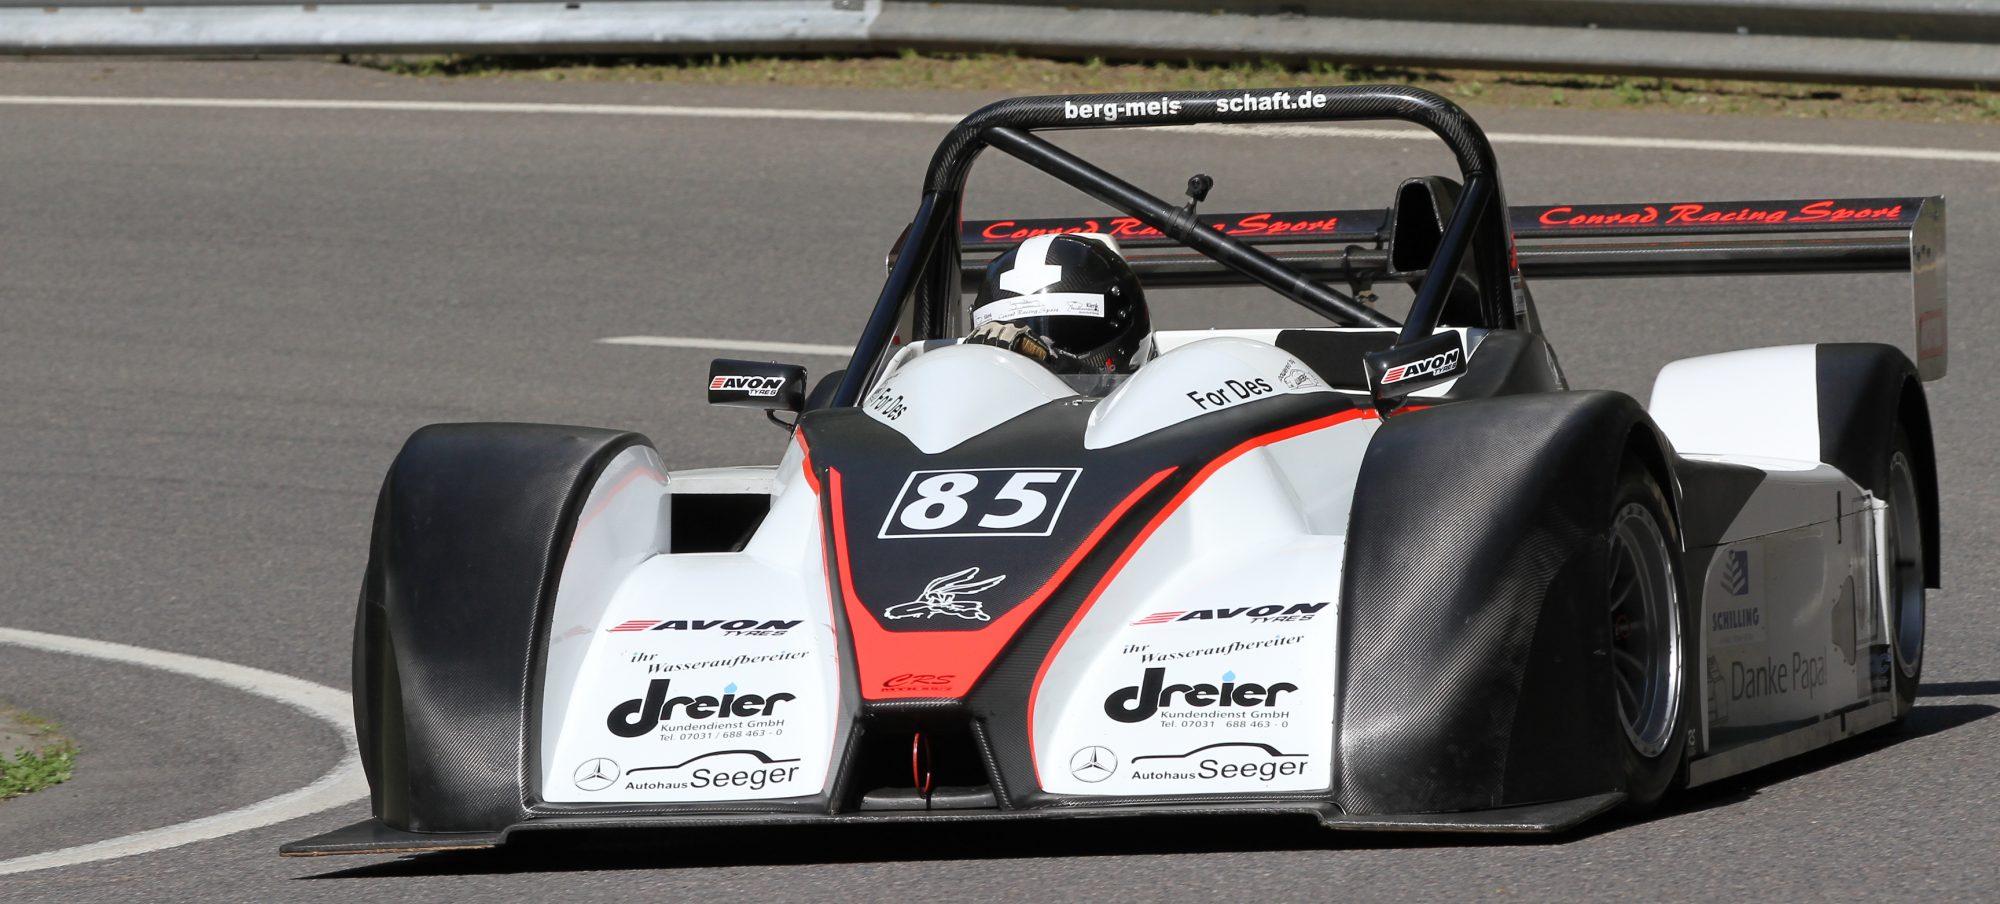 Conrad Racing Sport